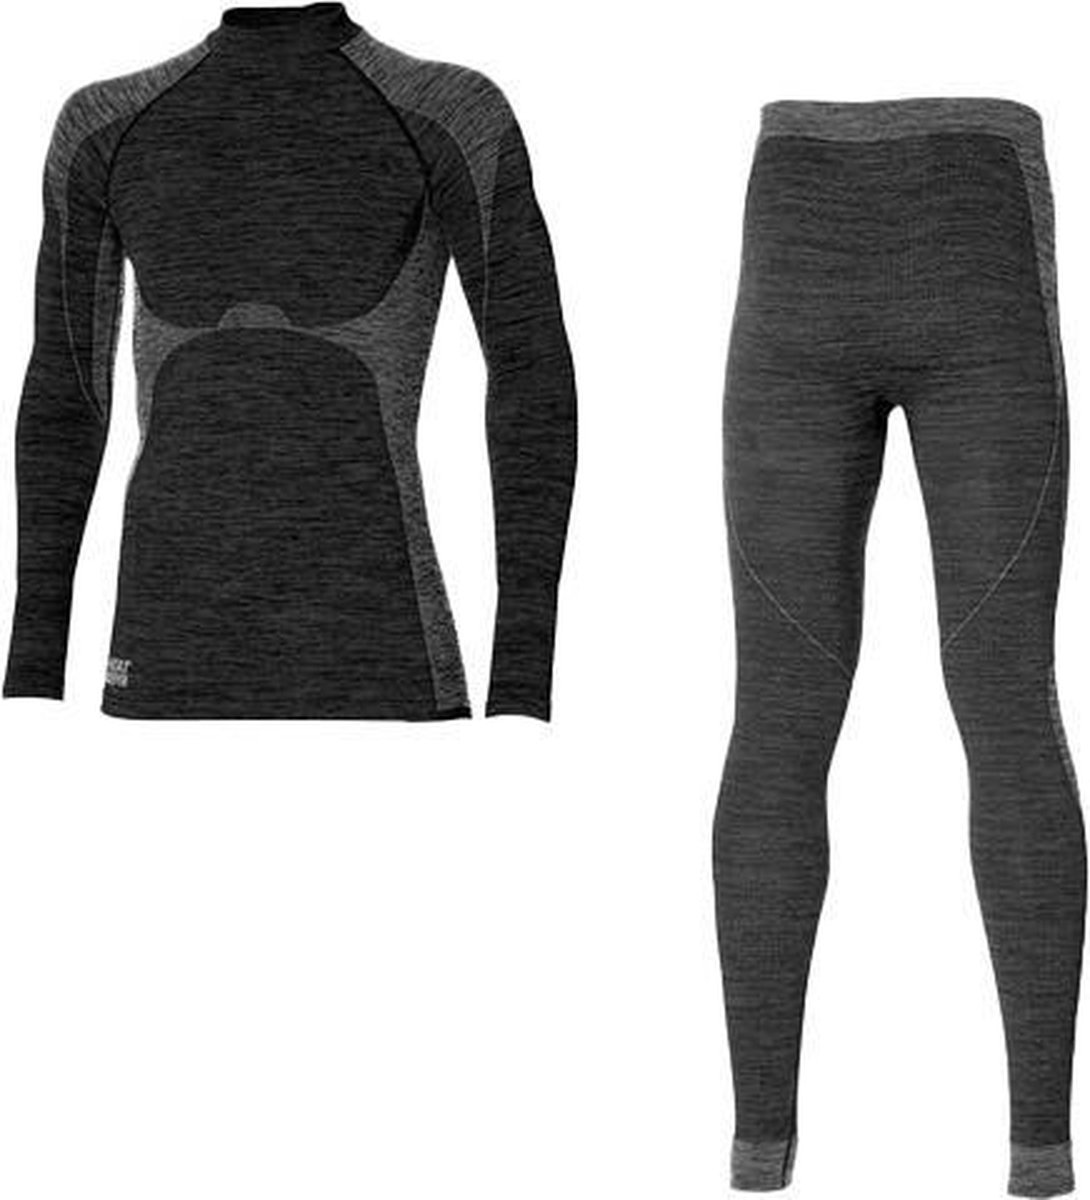 Premium thermokleding - Type: Heren, maat XXL - Broek en shirt - Thermoset